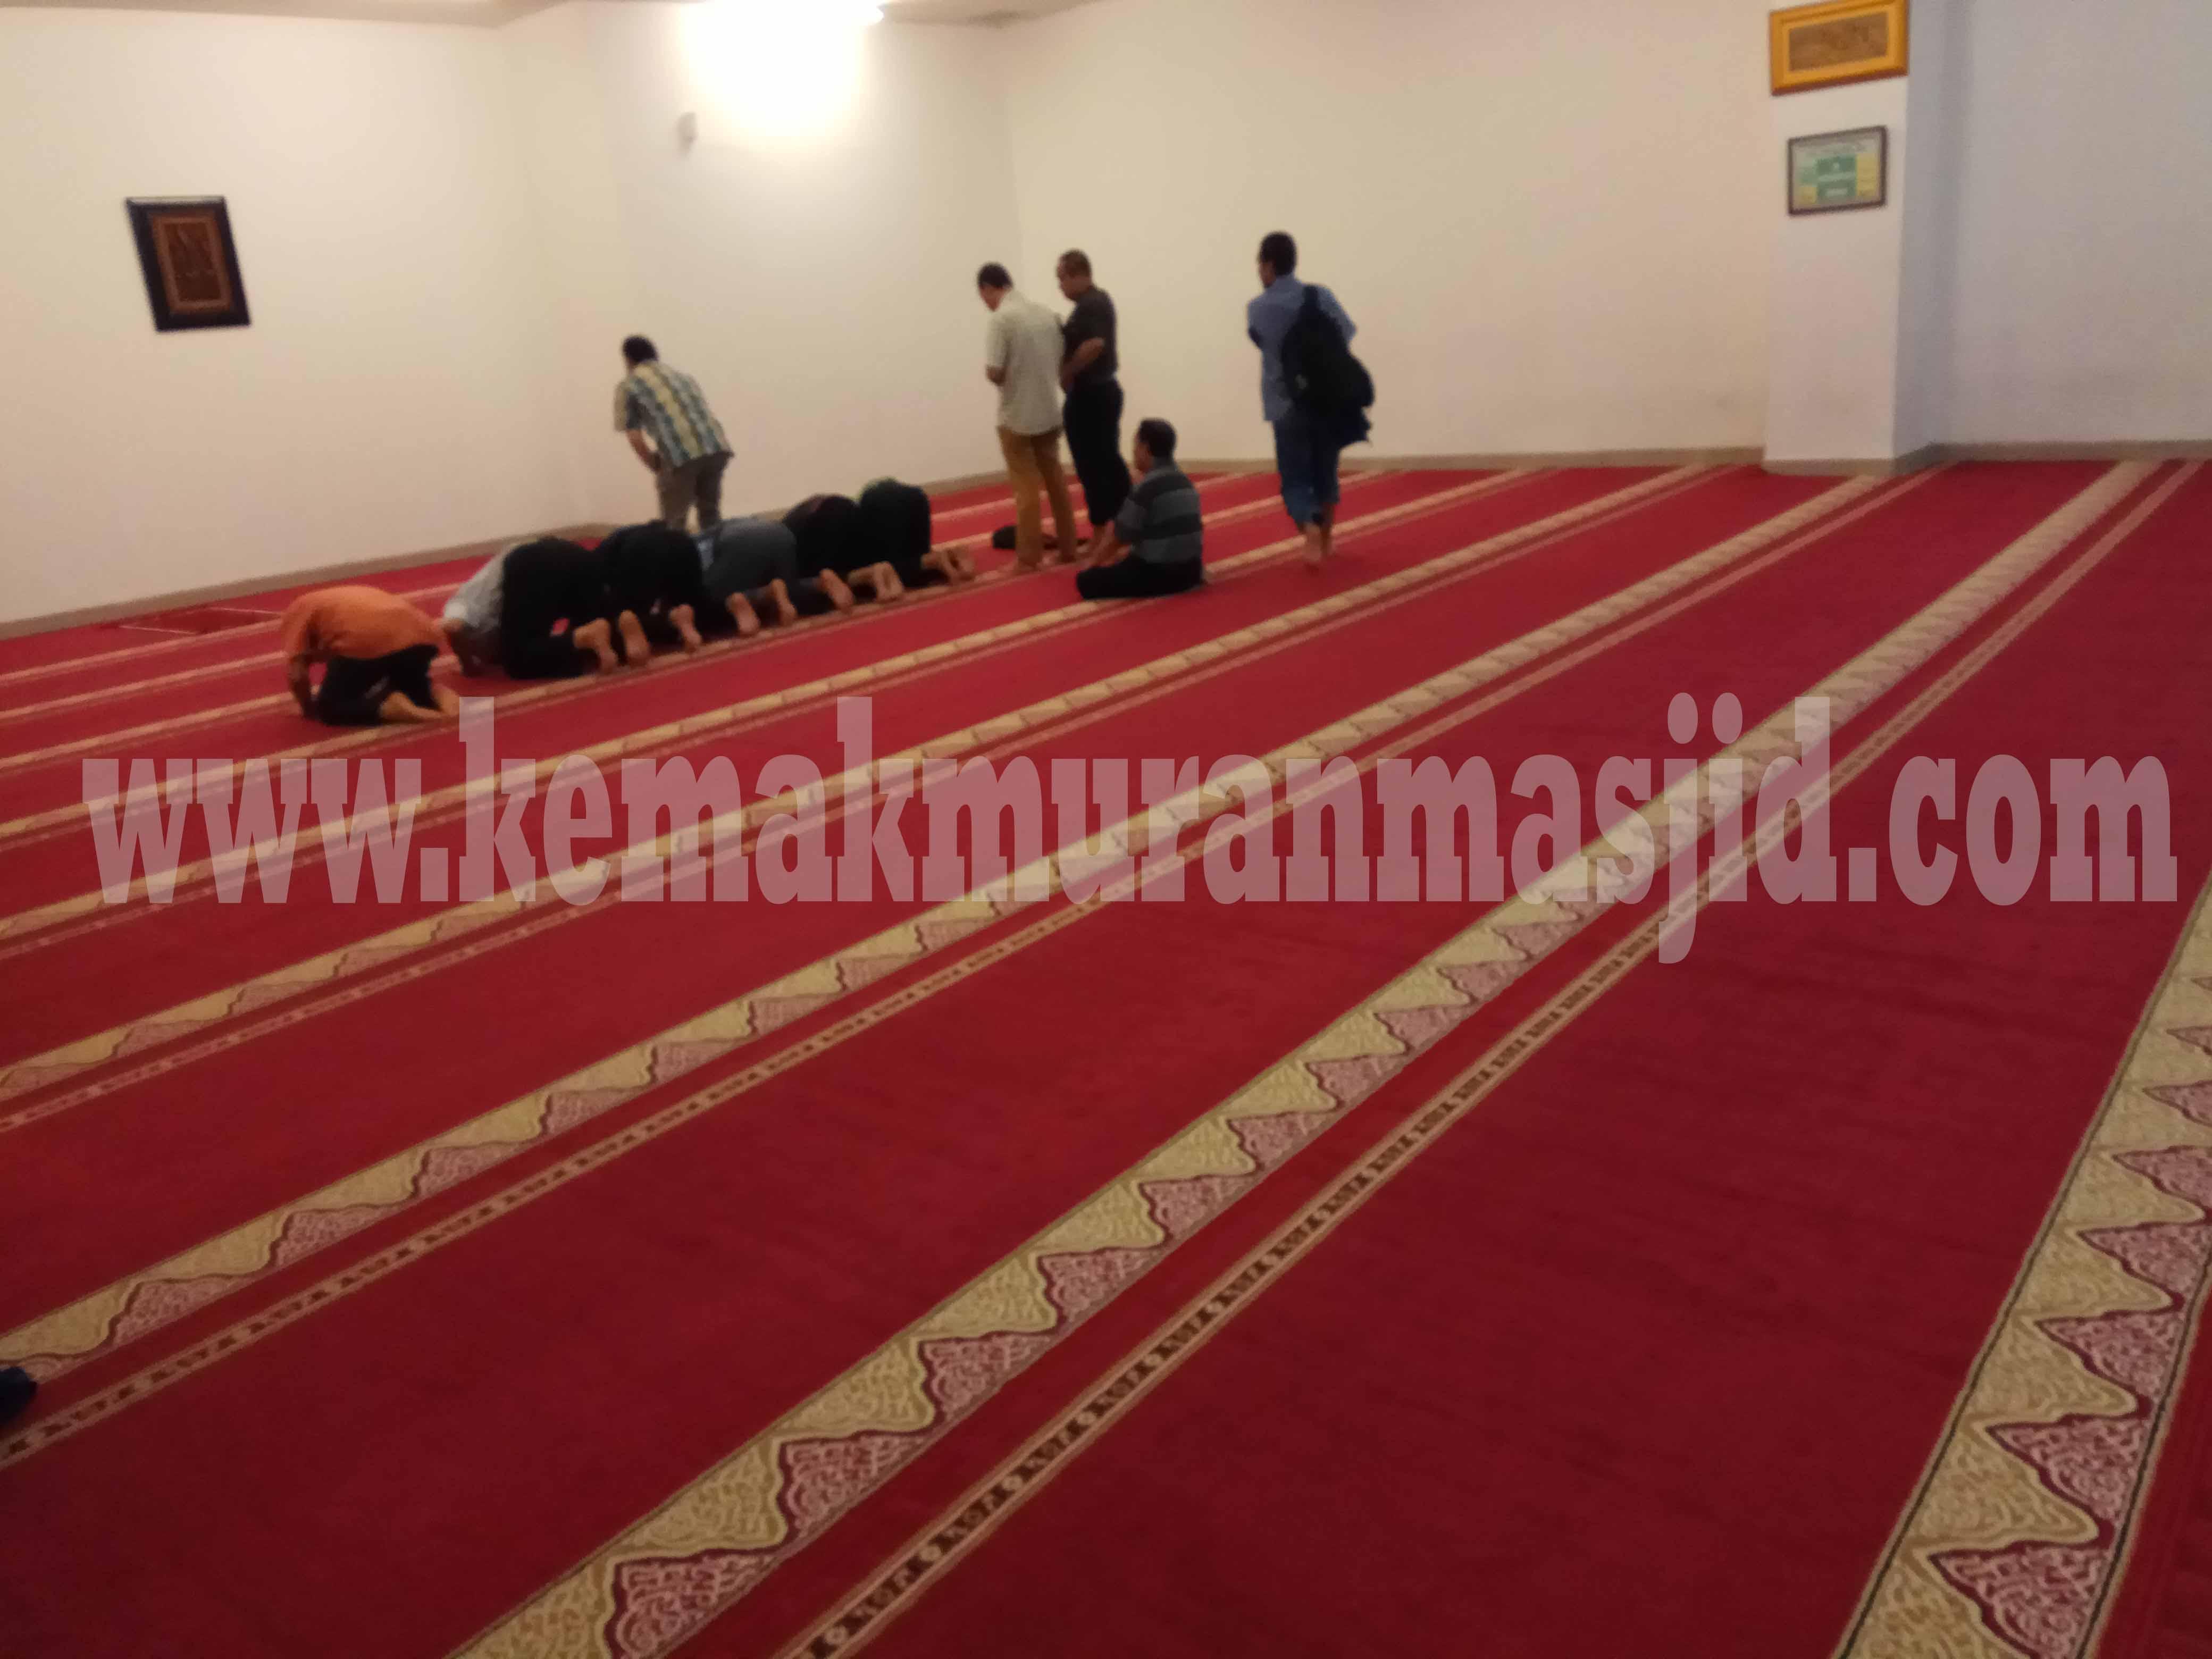 jual karpet masjid bekasi selatan harga terjangkau